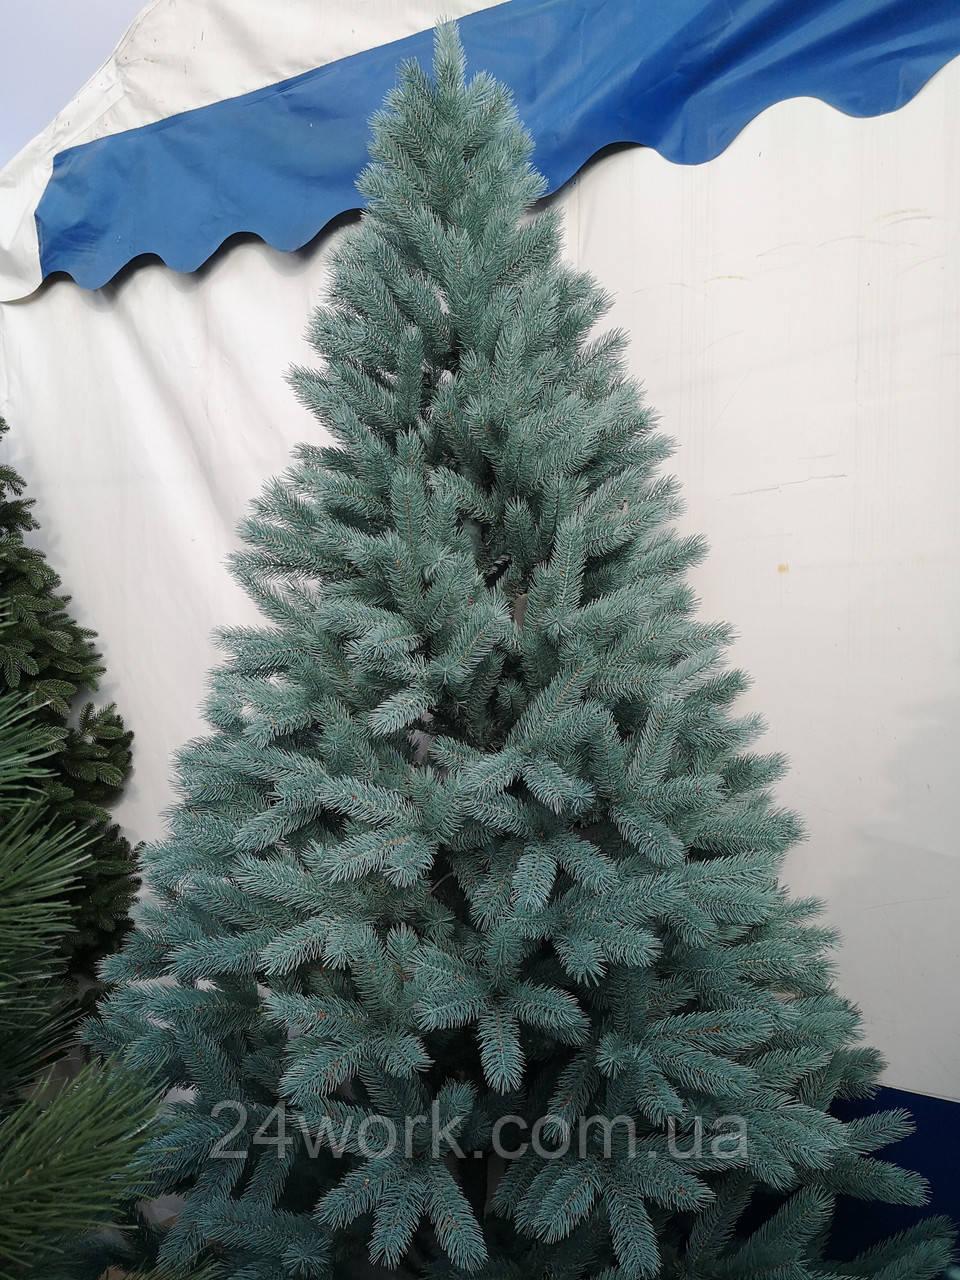 Ель искусственная литая голубая 2.5 м.